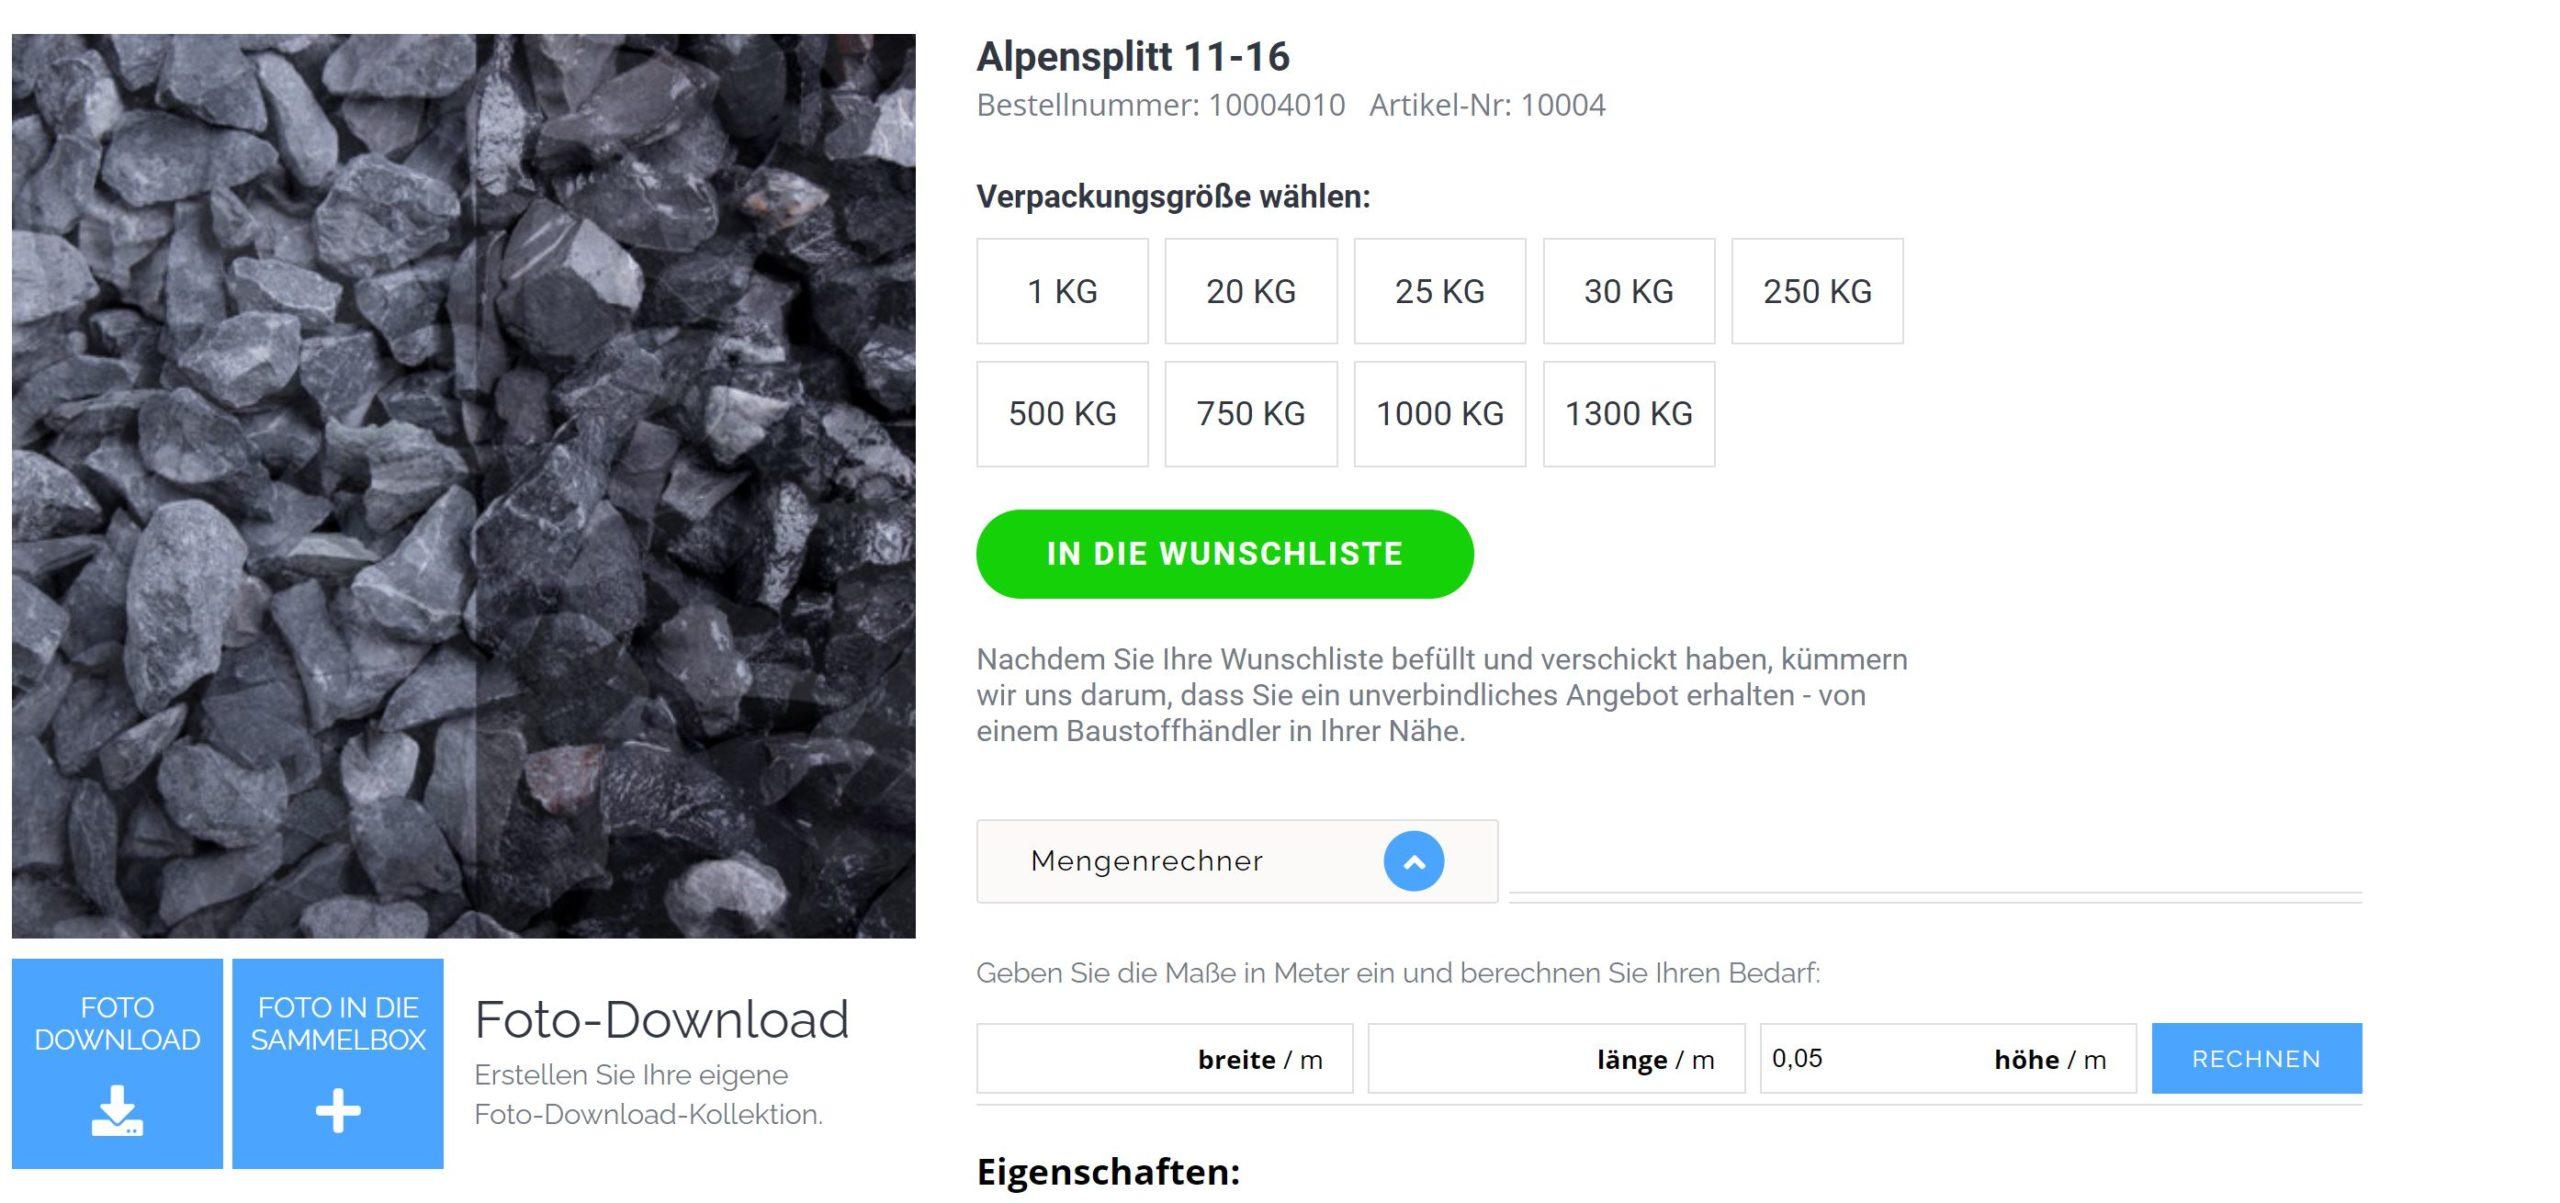 Kies kaufen Alpensplitt